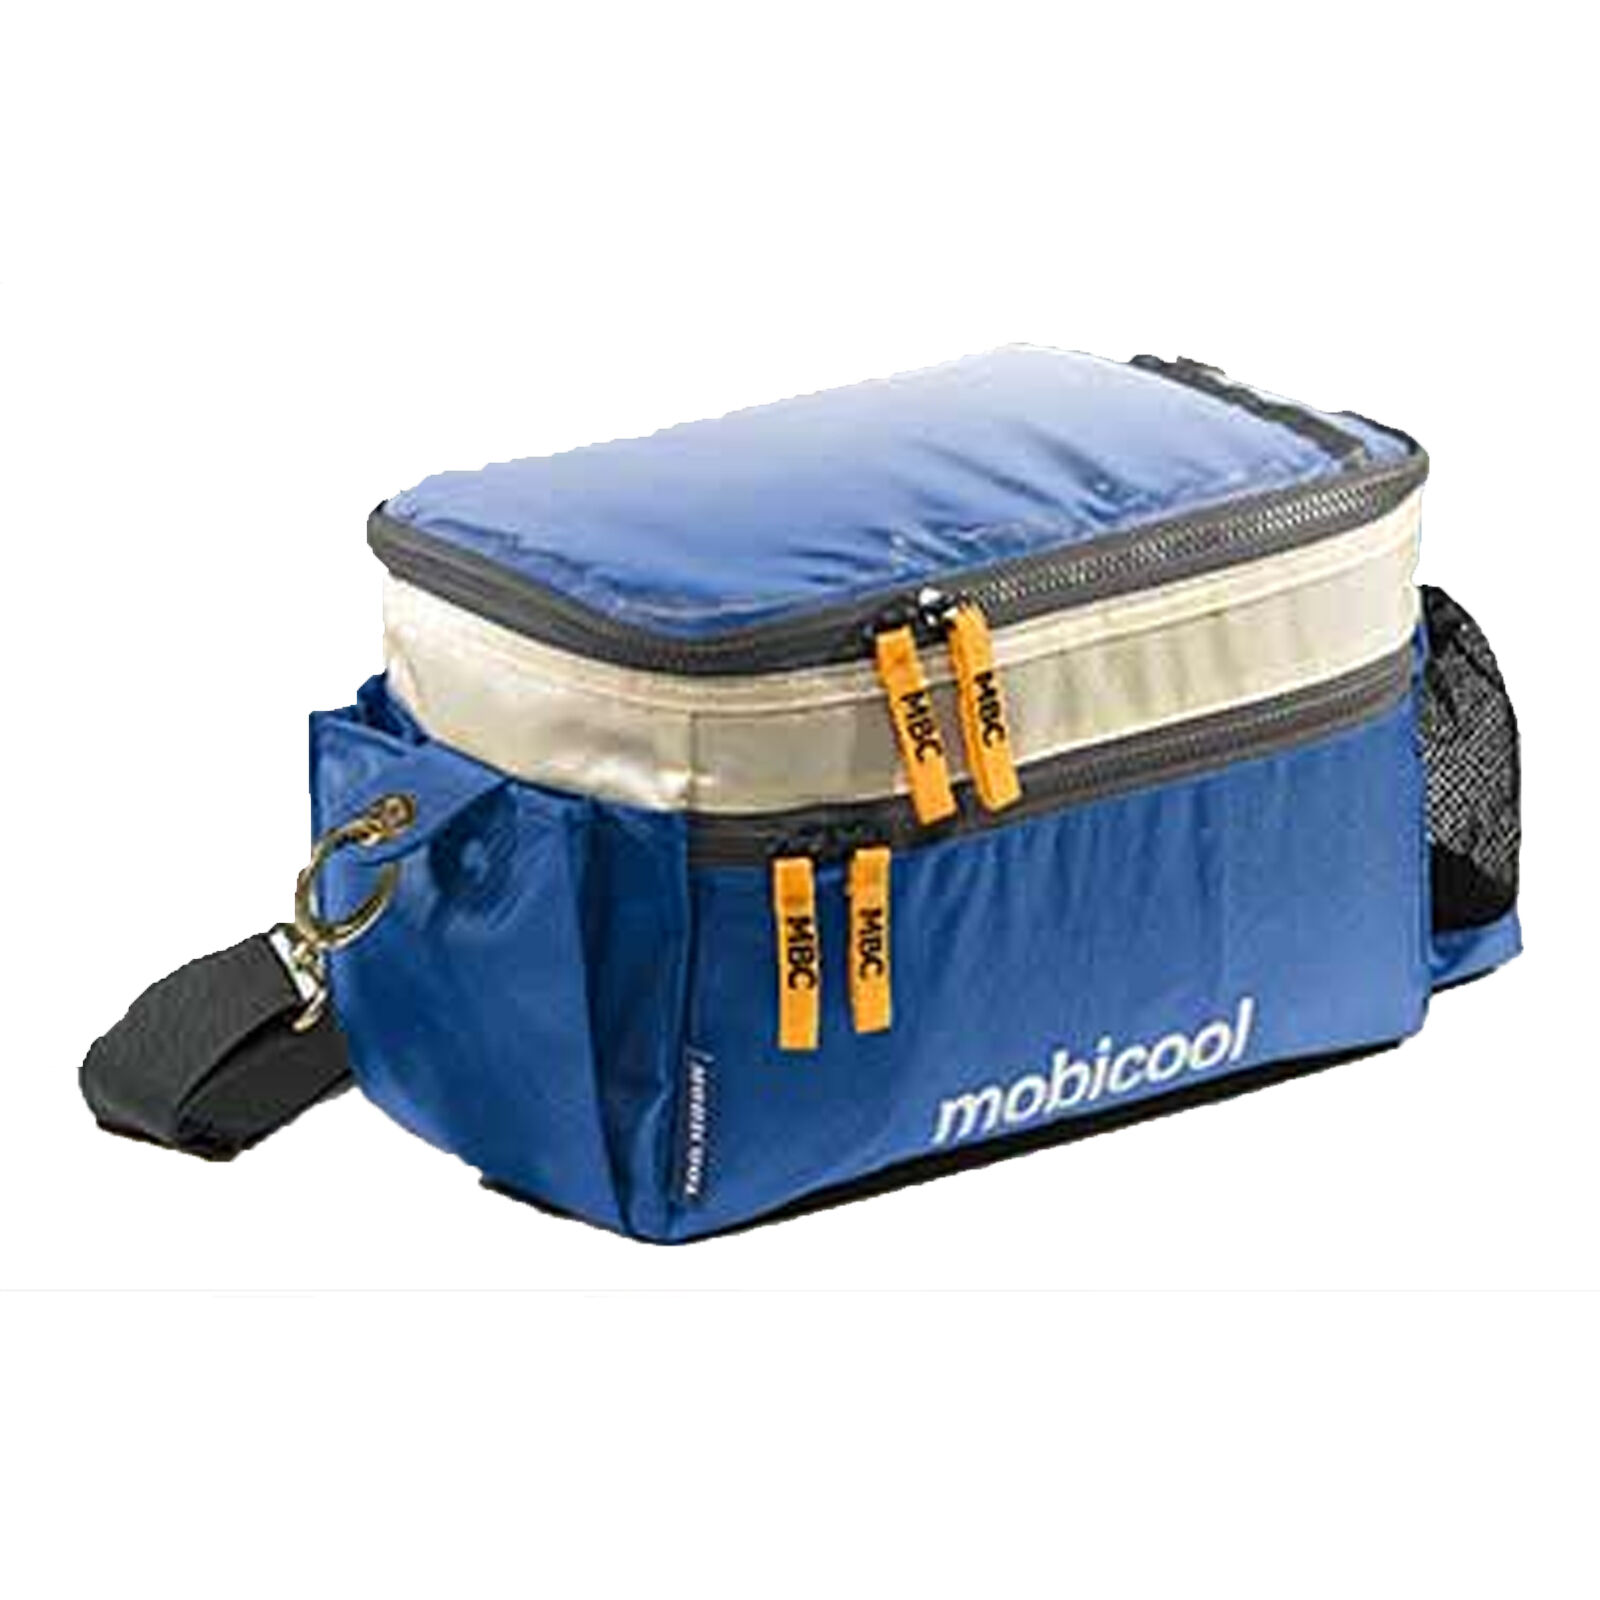 Sweden Dometic Mobicool SAIL Bike bag, Cooler Bag for Bike Red, bluee 7L, 236.7oz